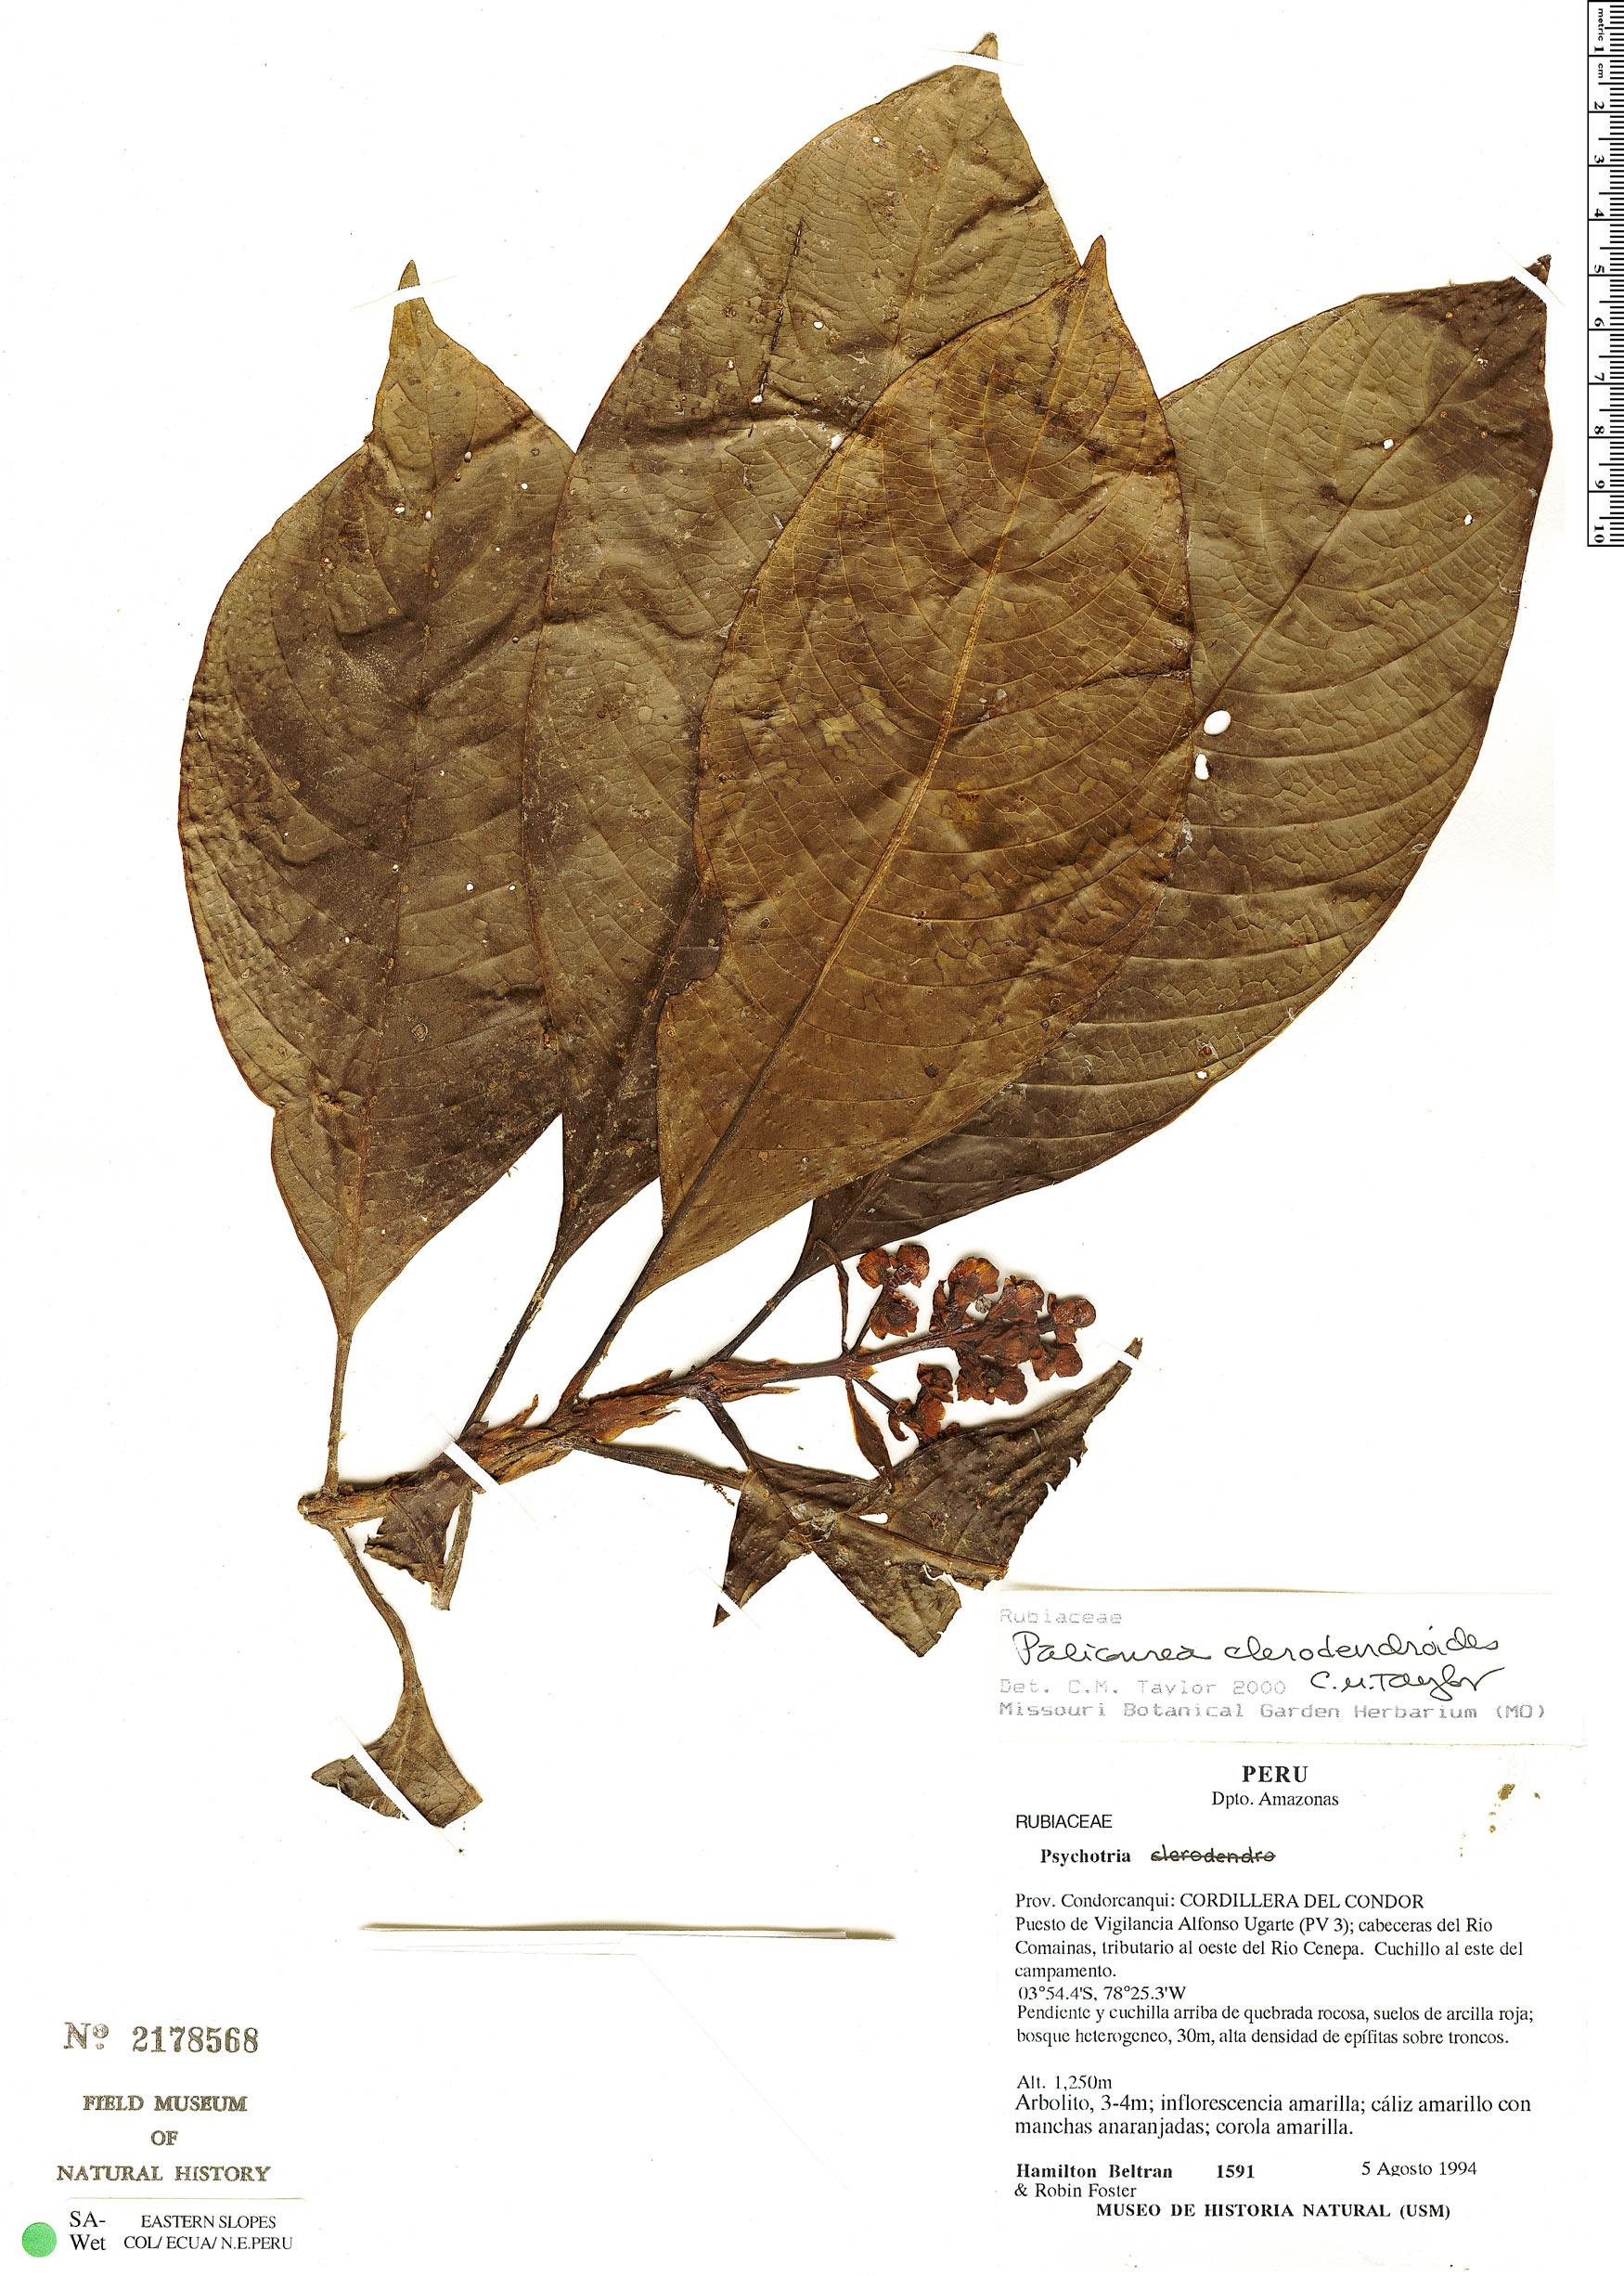 Specimen: Palicourea ceriantha